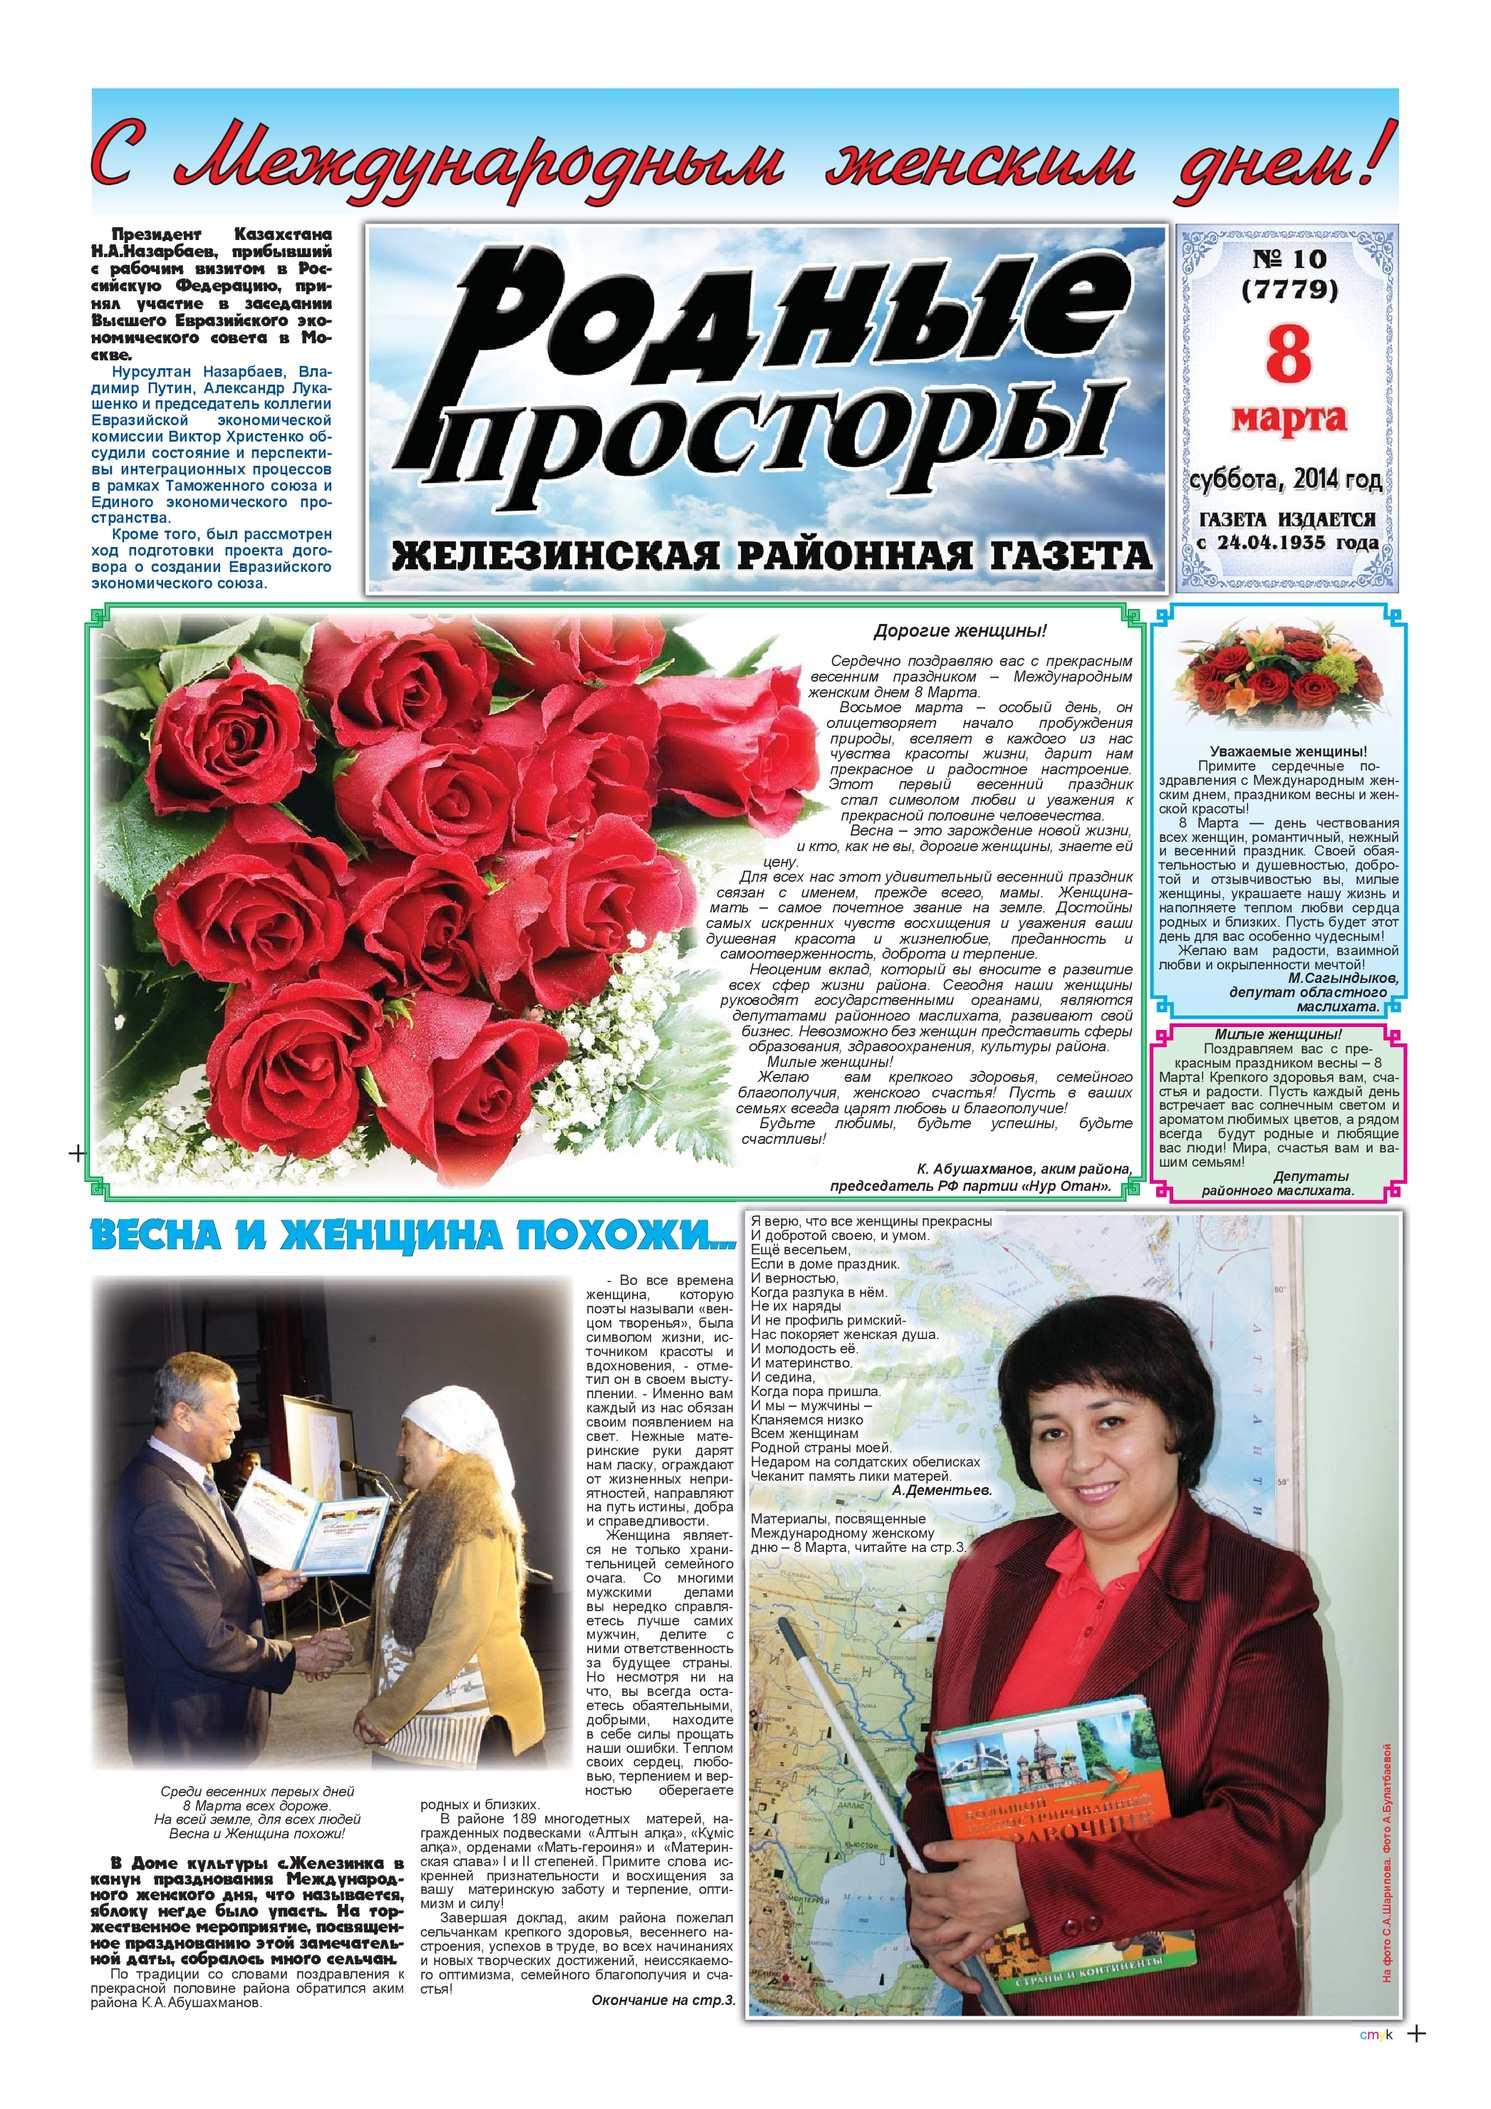 поздравление работникам районных газетах для фотографа